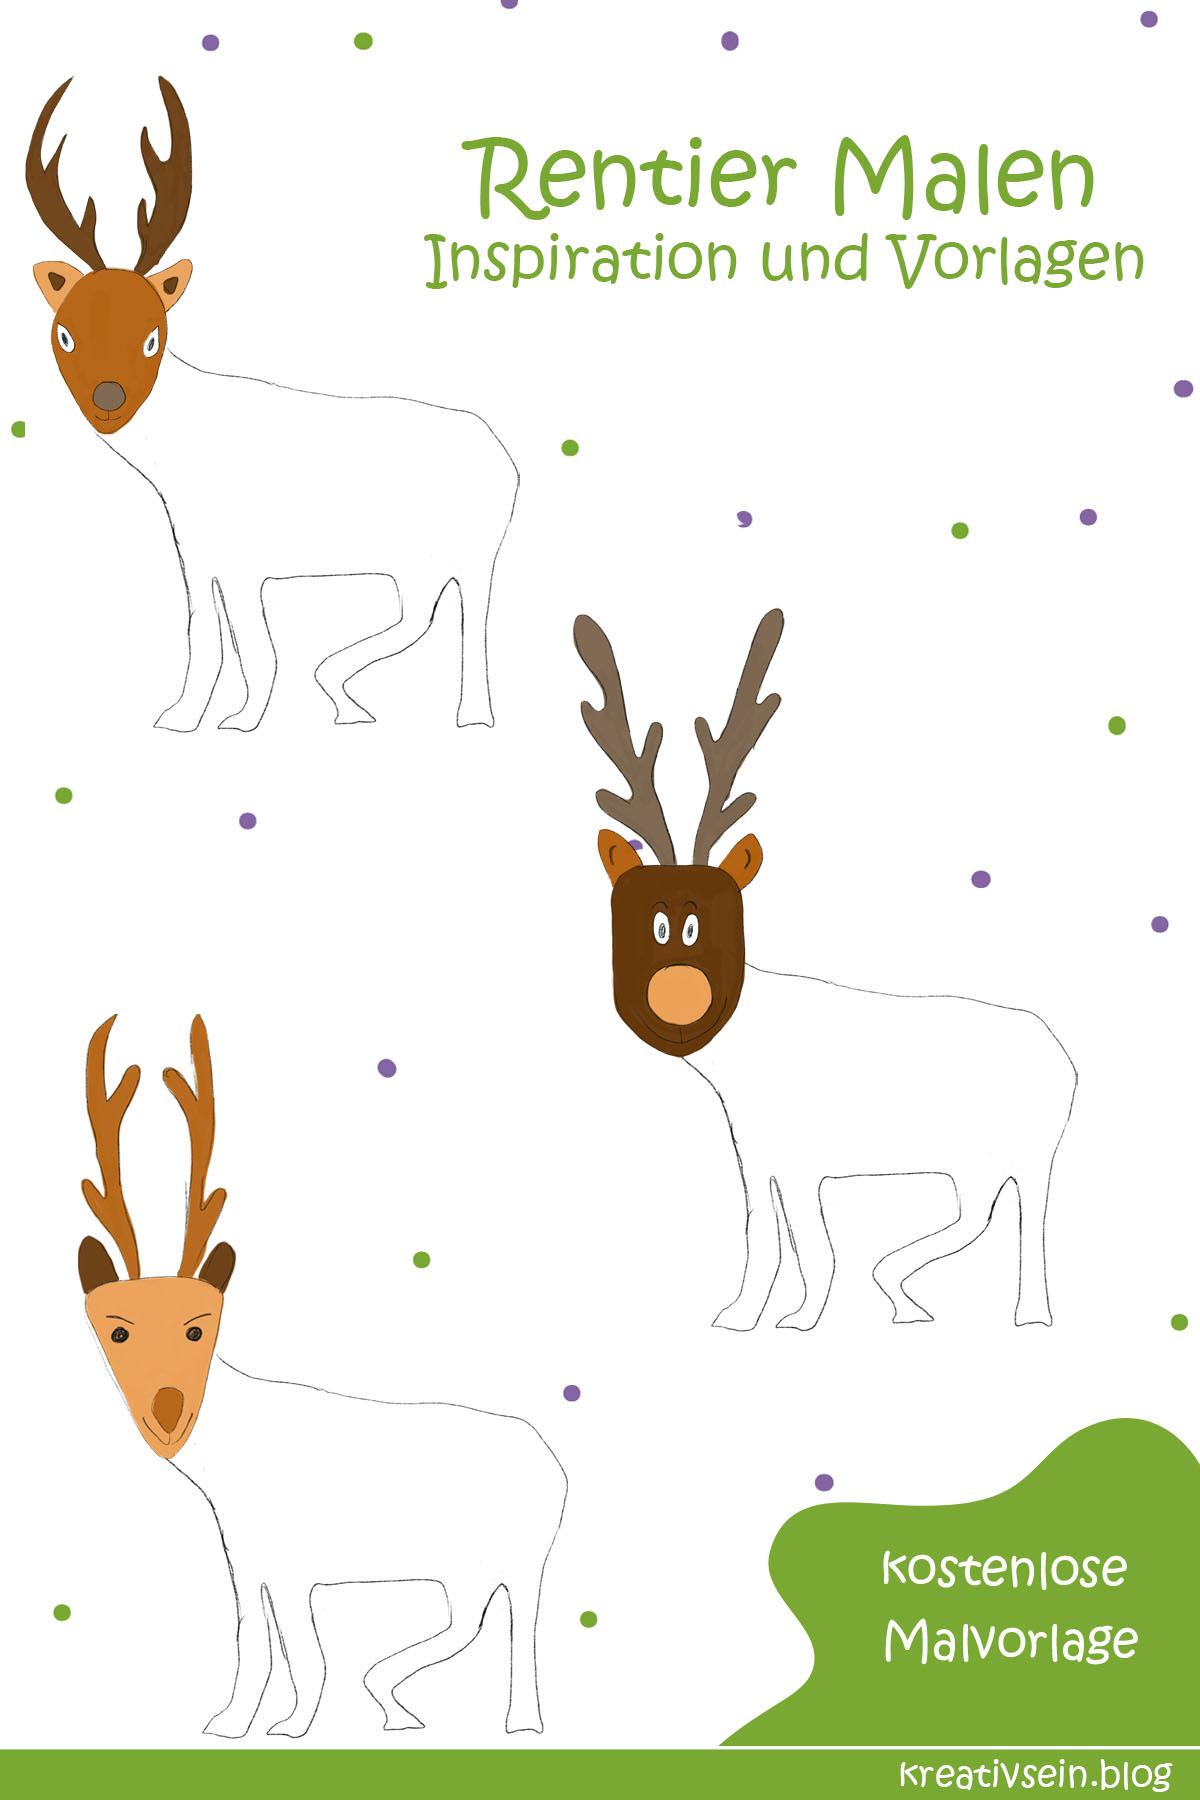 Cooles Rentier Malen zu Weihnachten mit Ausmalbild - kreativsein.blog